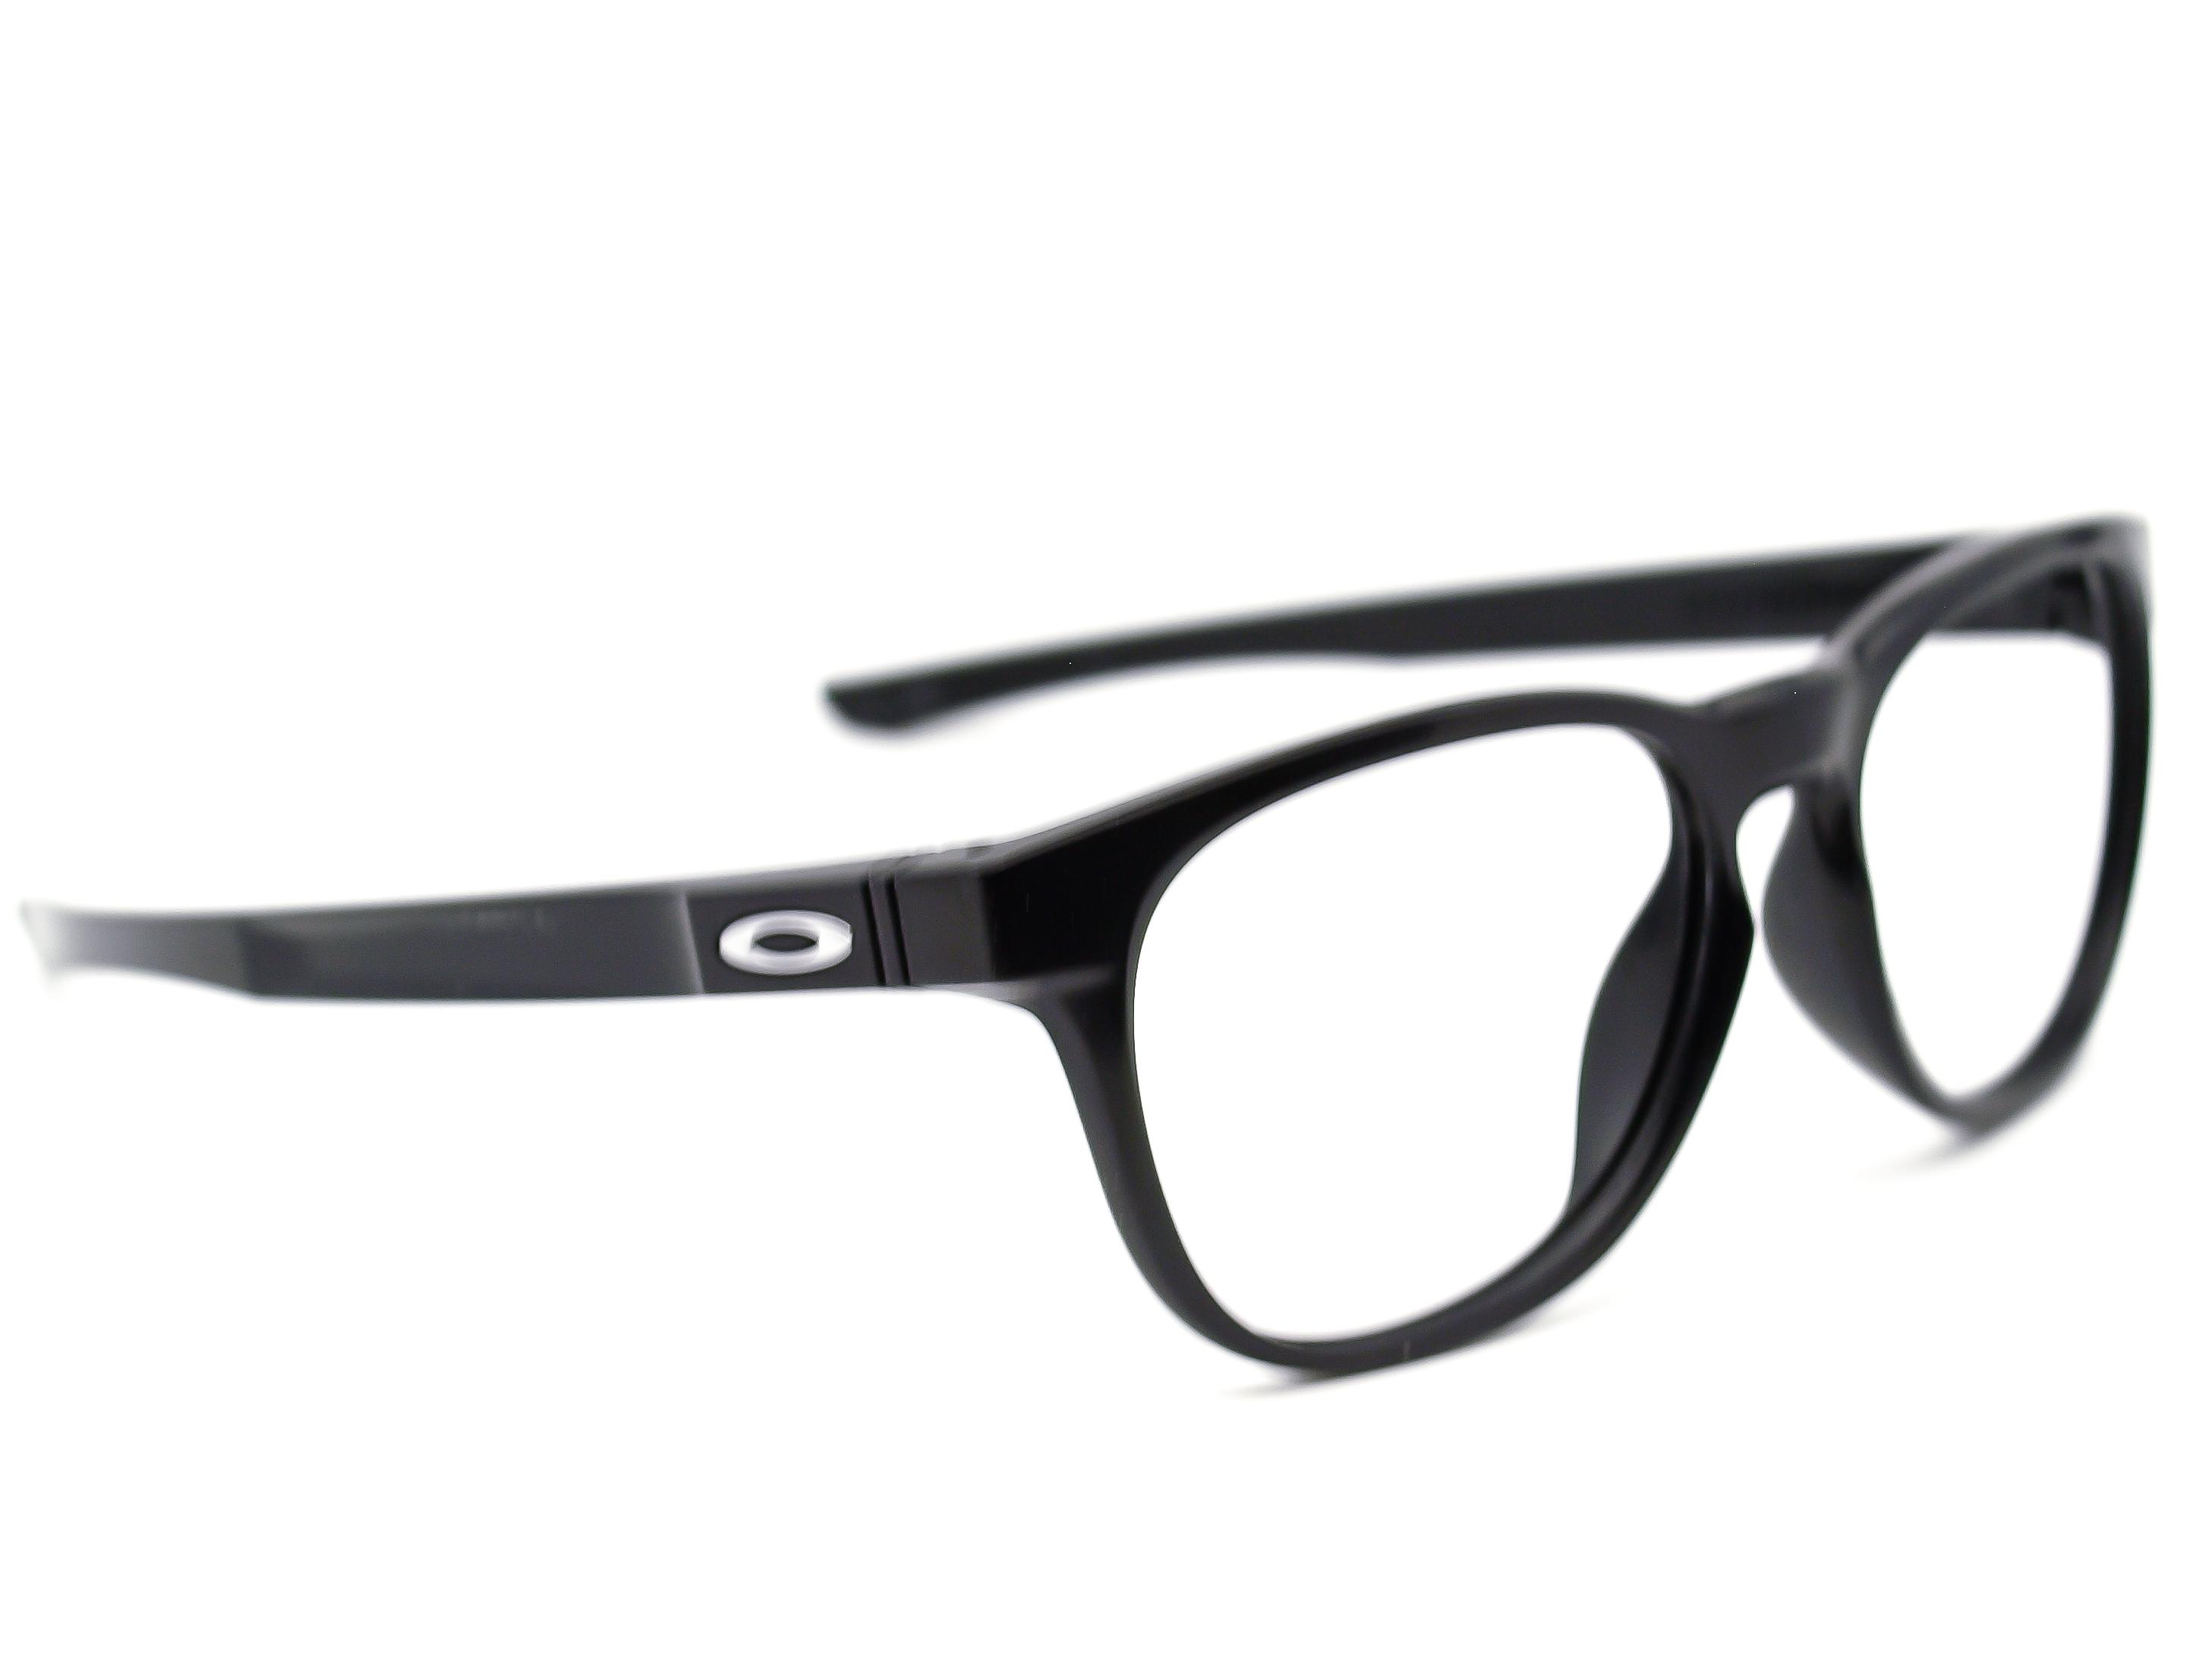 d7af75cf9052 Oakley Stringer OO9315-01 Sunglasses Frame Only